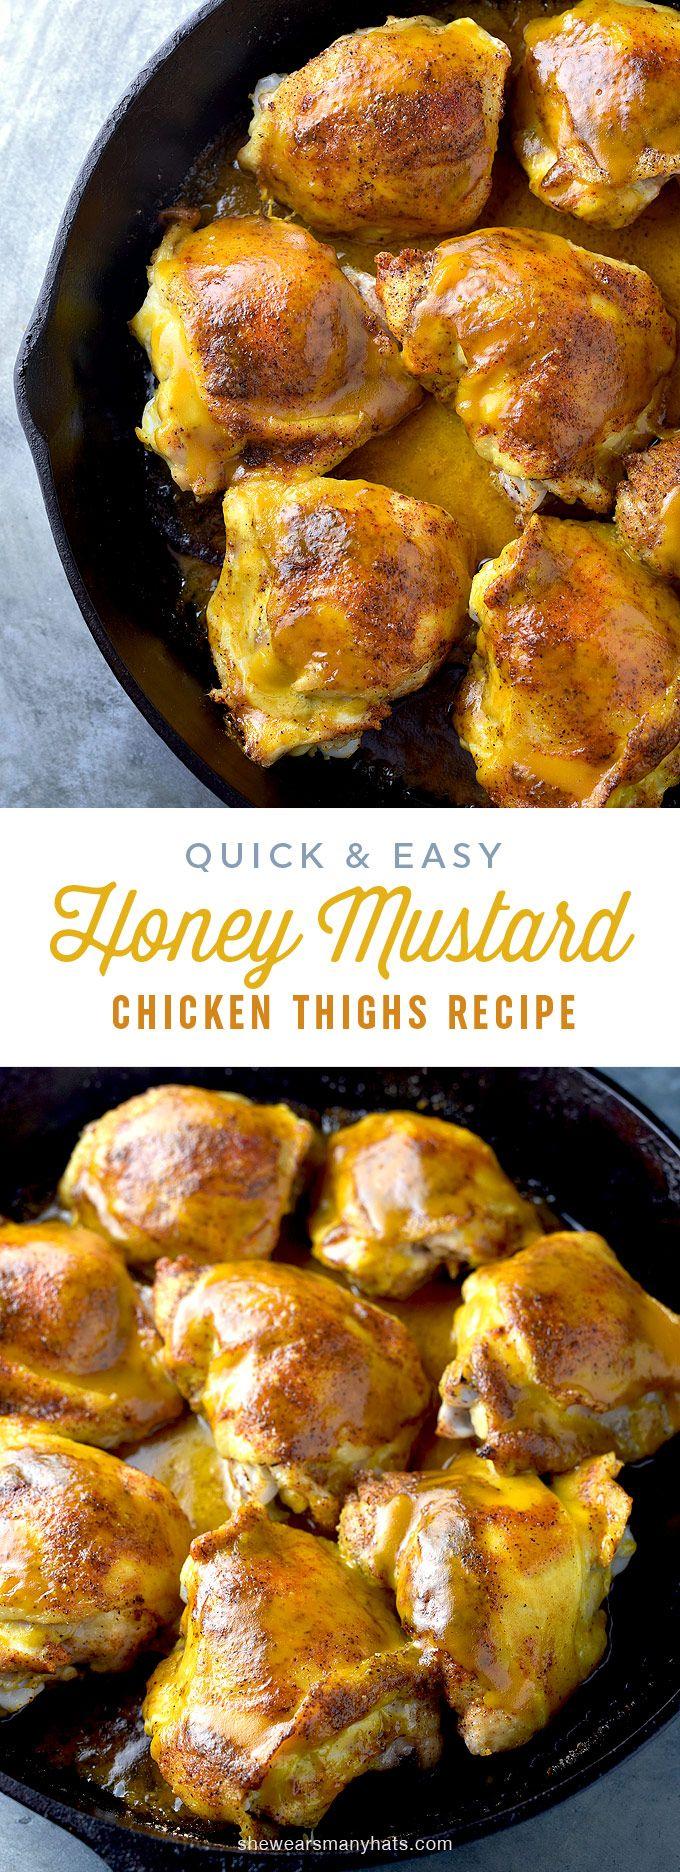 recipe: honey mustard baked chicken bread crumbs [39]